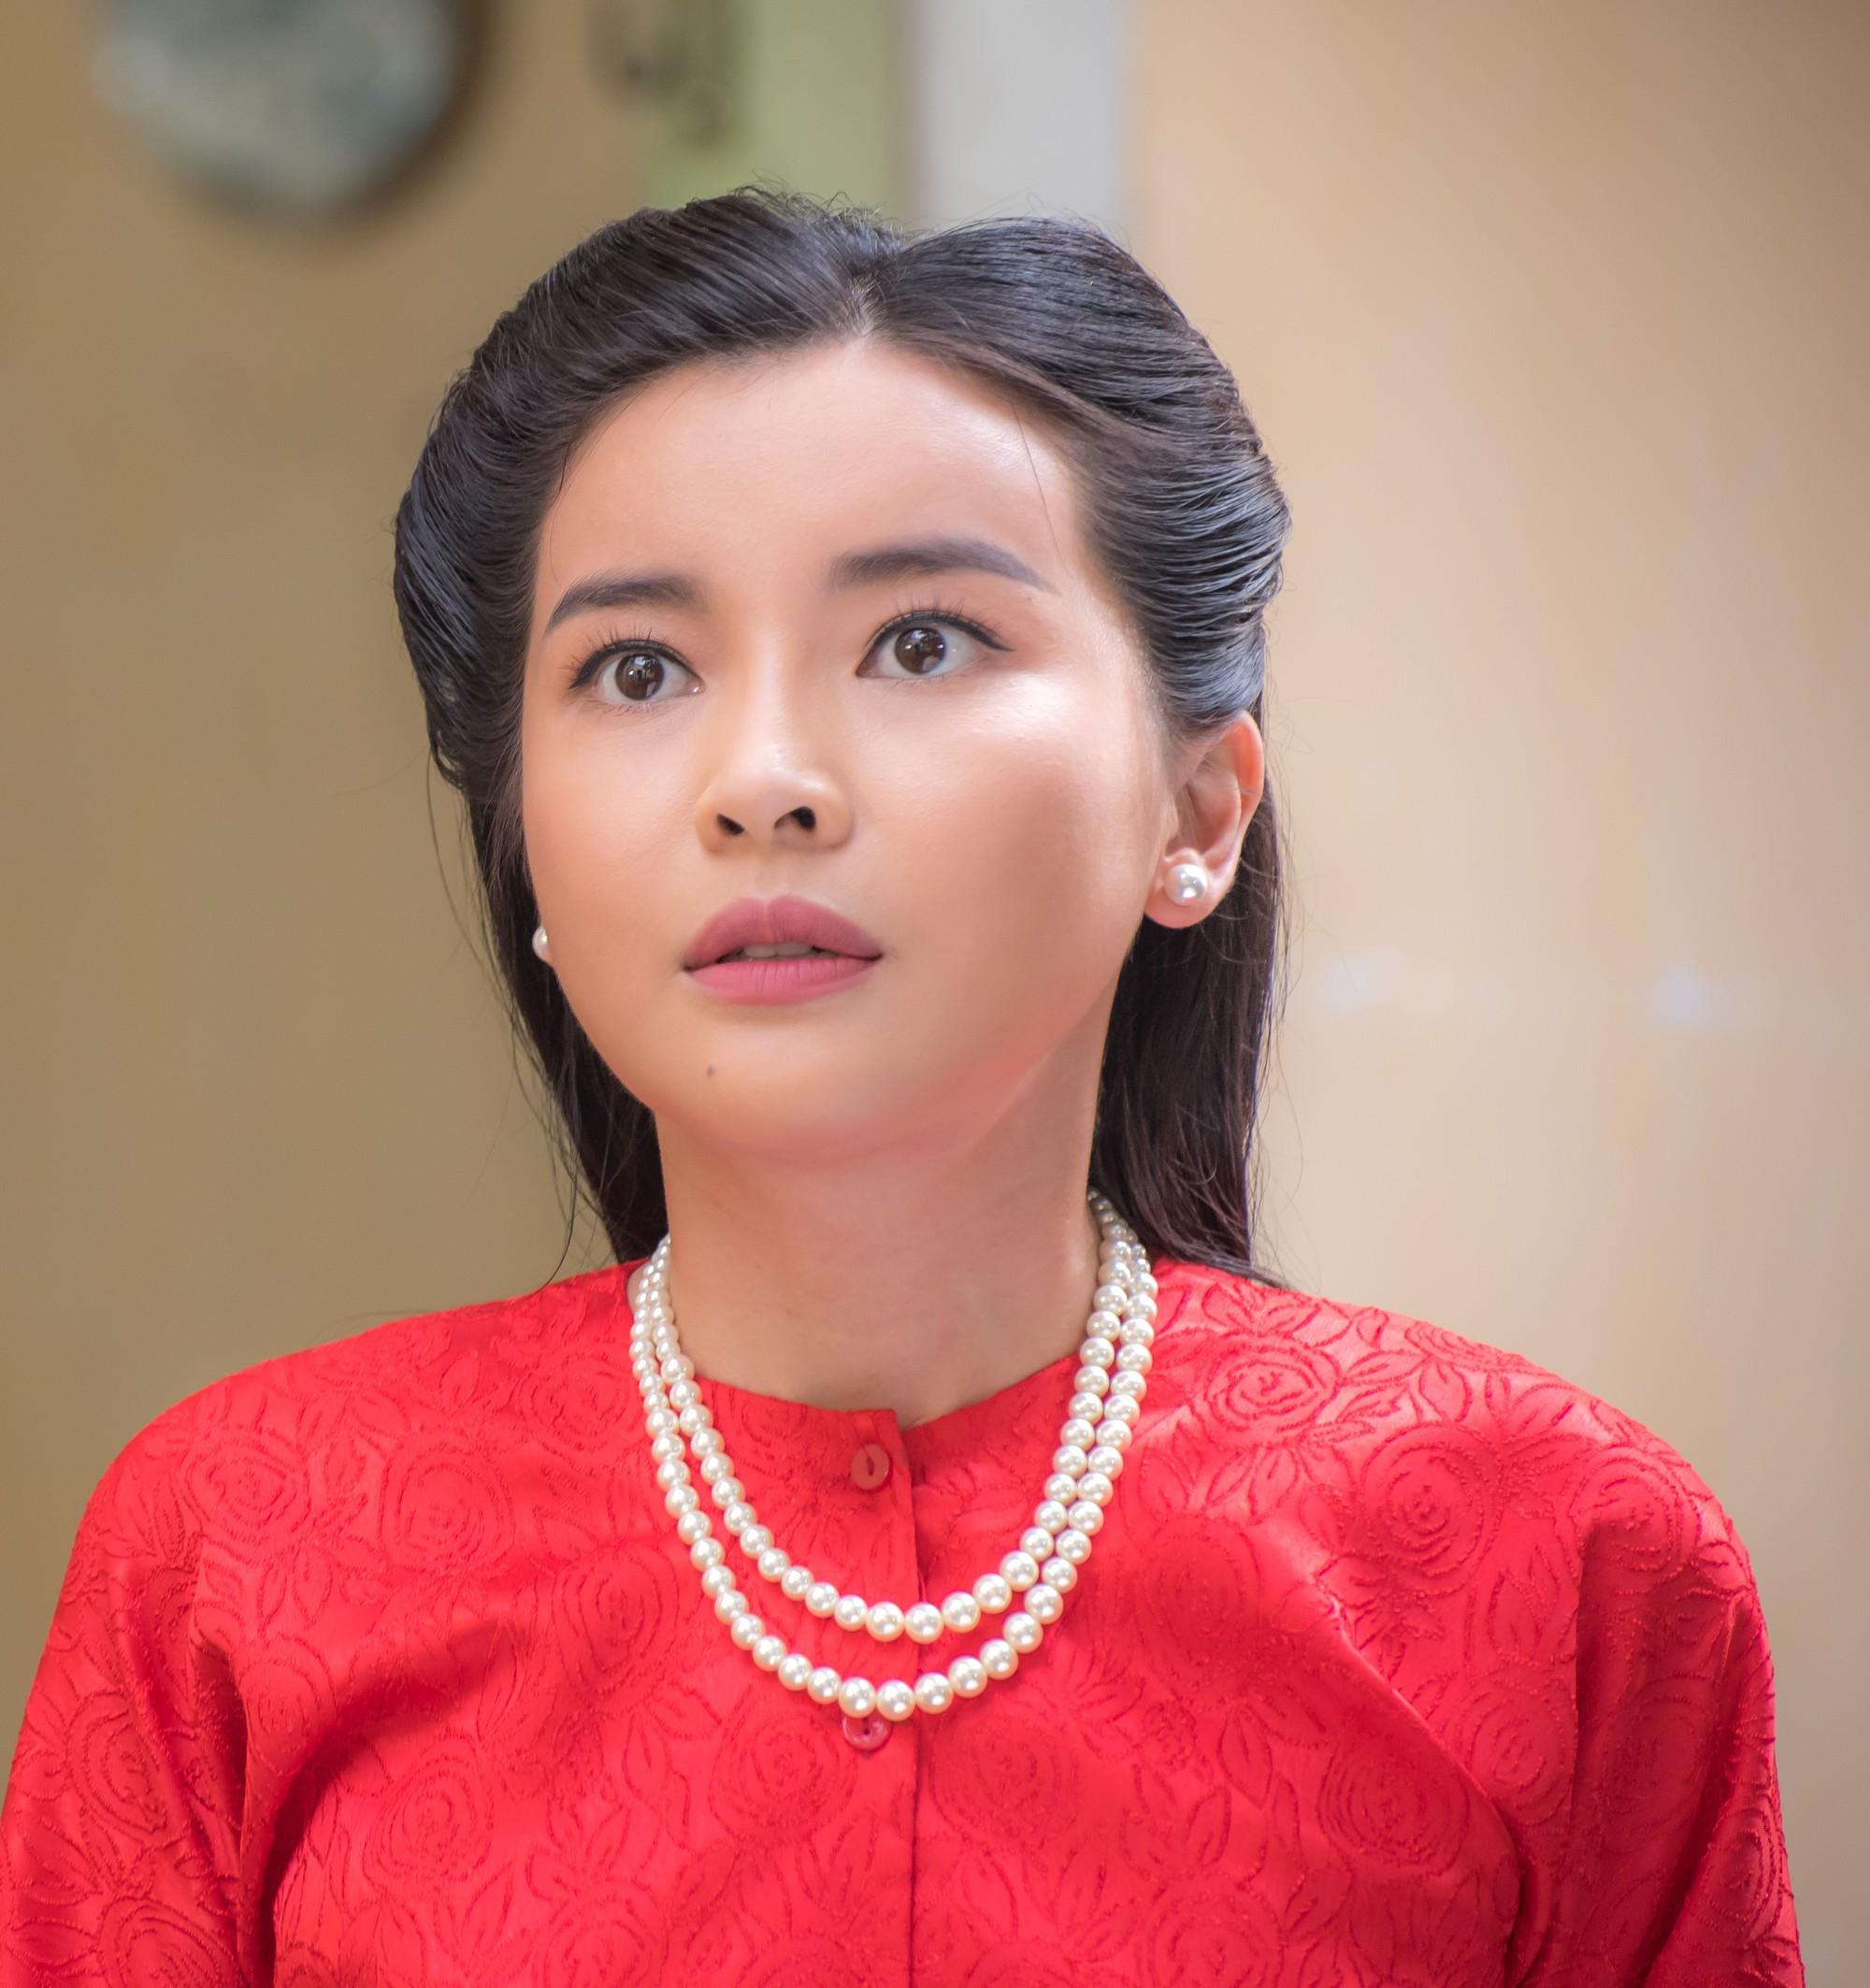 Màn khoá môi bị cả MXH đòi xử bắn của Cao Thái Hà ở Tiếng Sét Trong Mưa: Chị hôn hay thổi bong bóng vậy? - Ảnh 8.